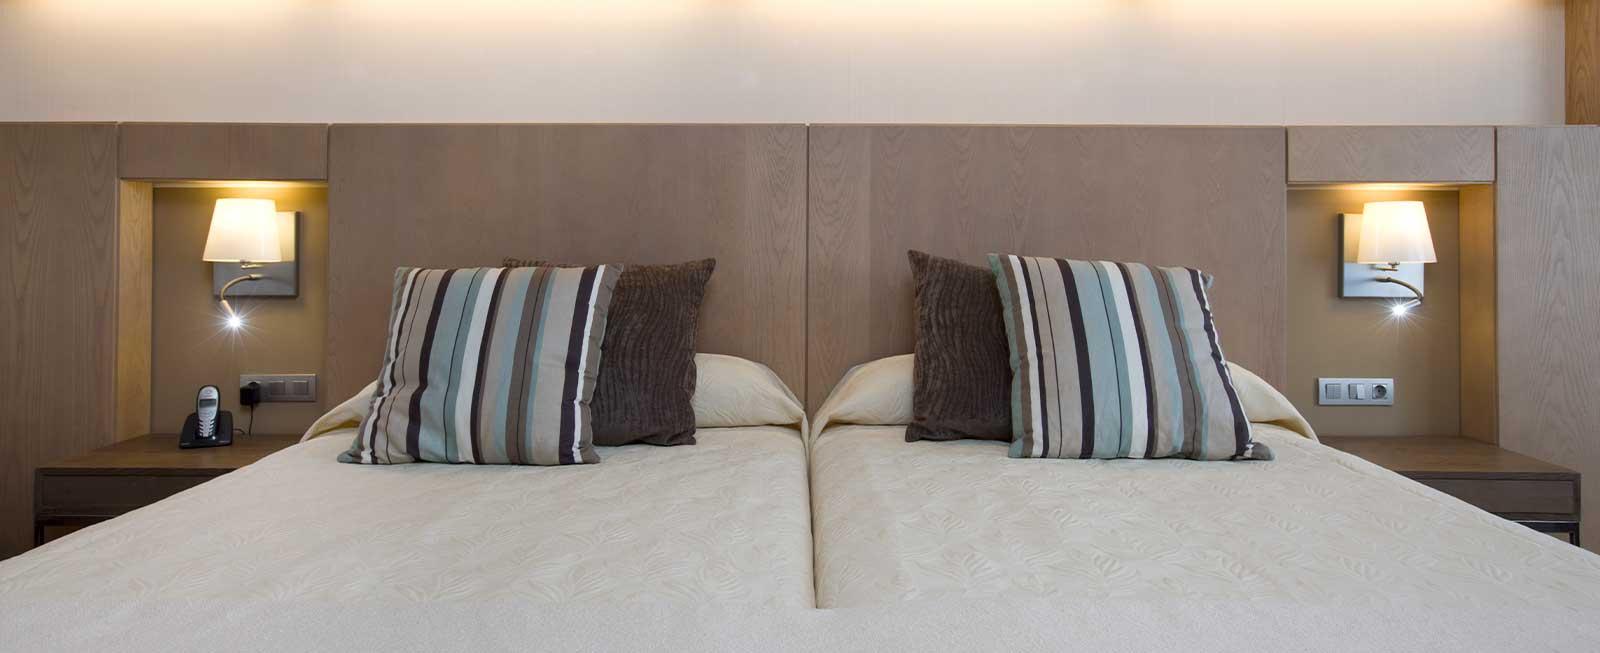 Protur Biomar Gran Hotel & Spa, Sa Coma - Mallorca